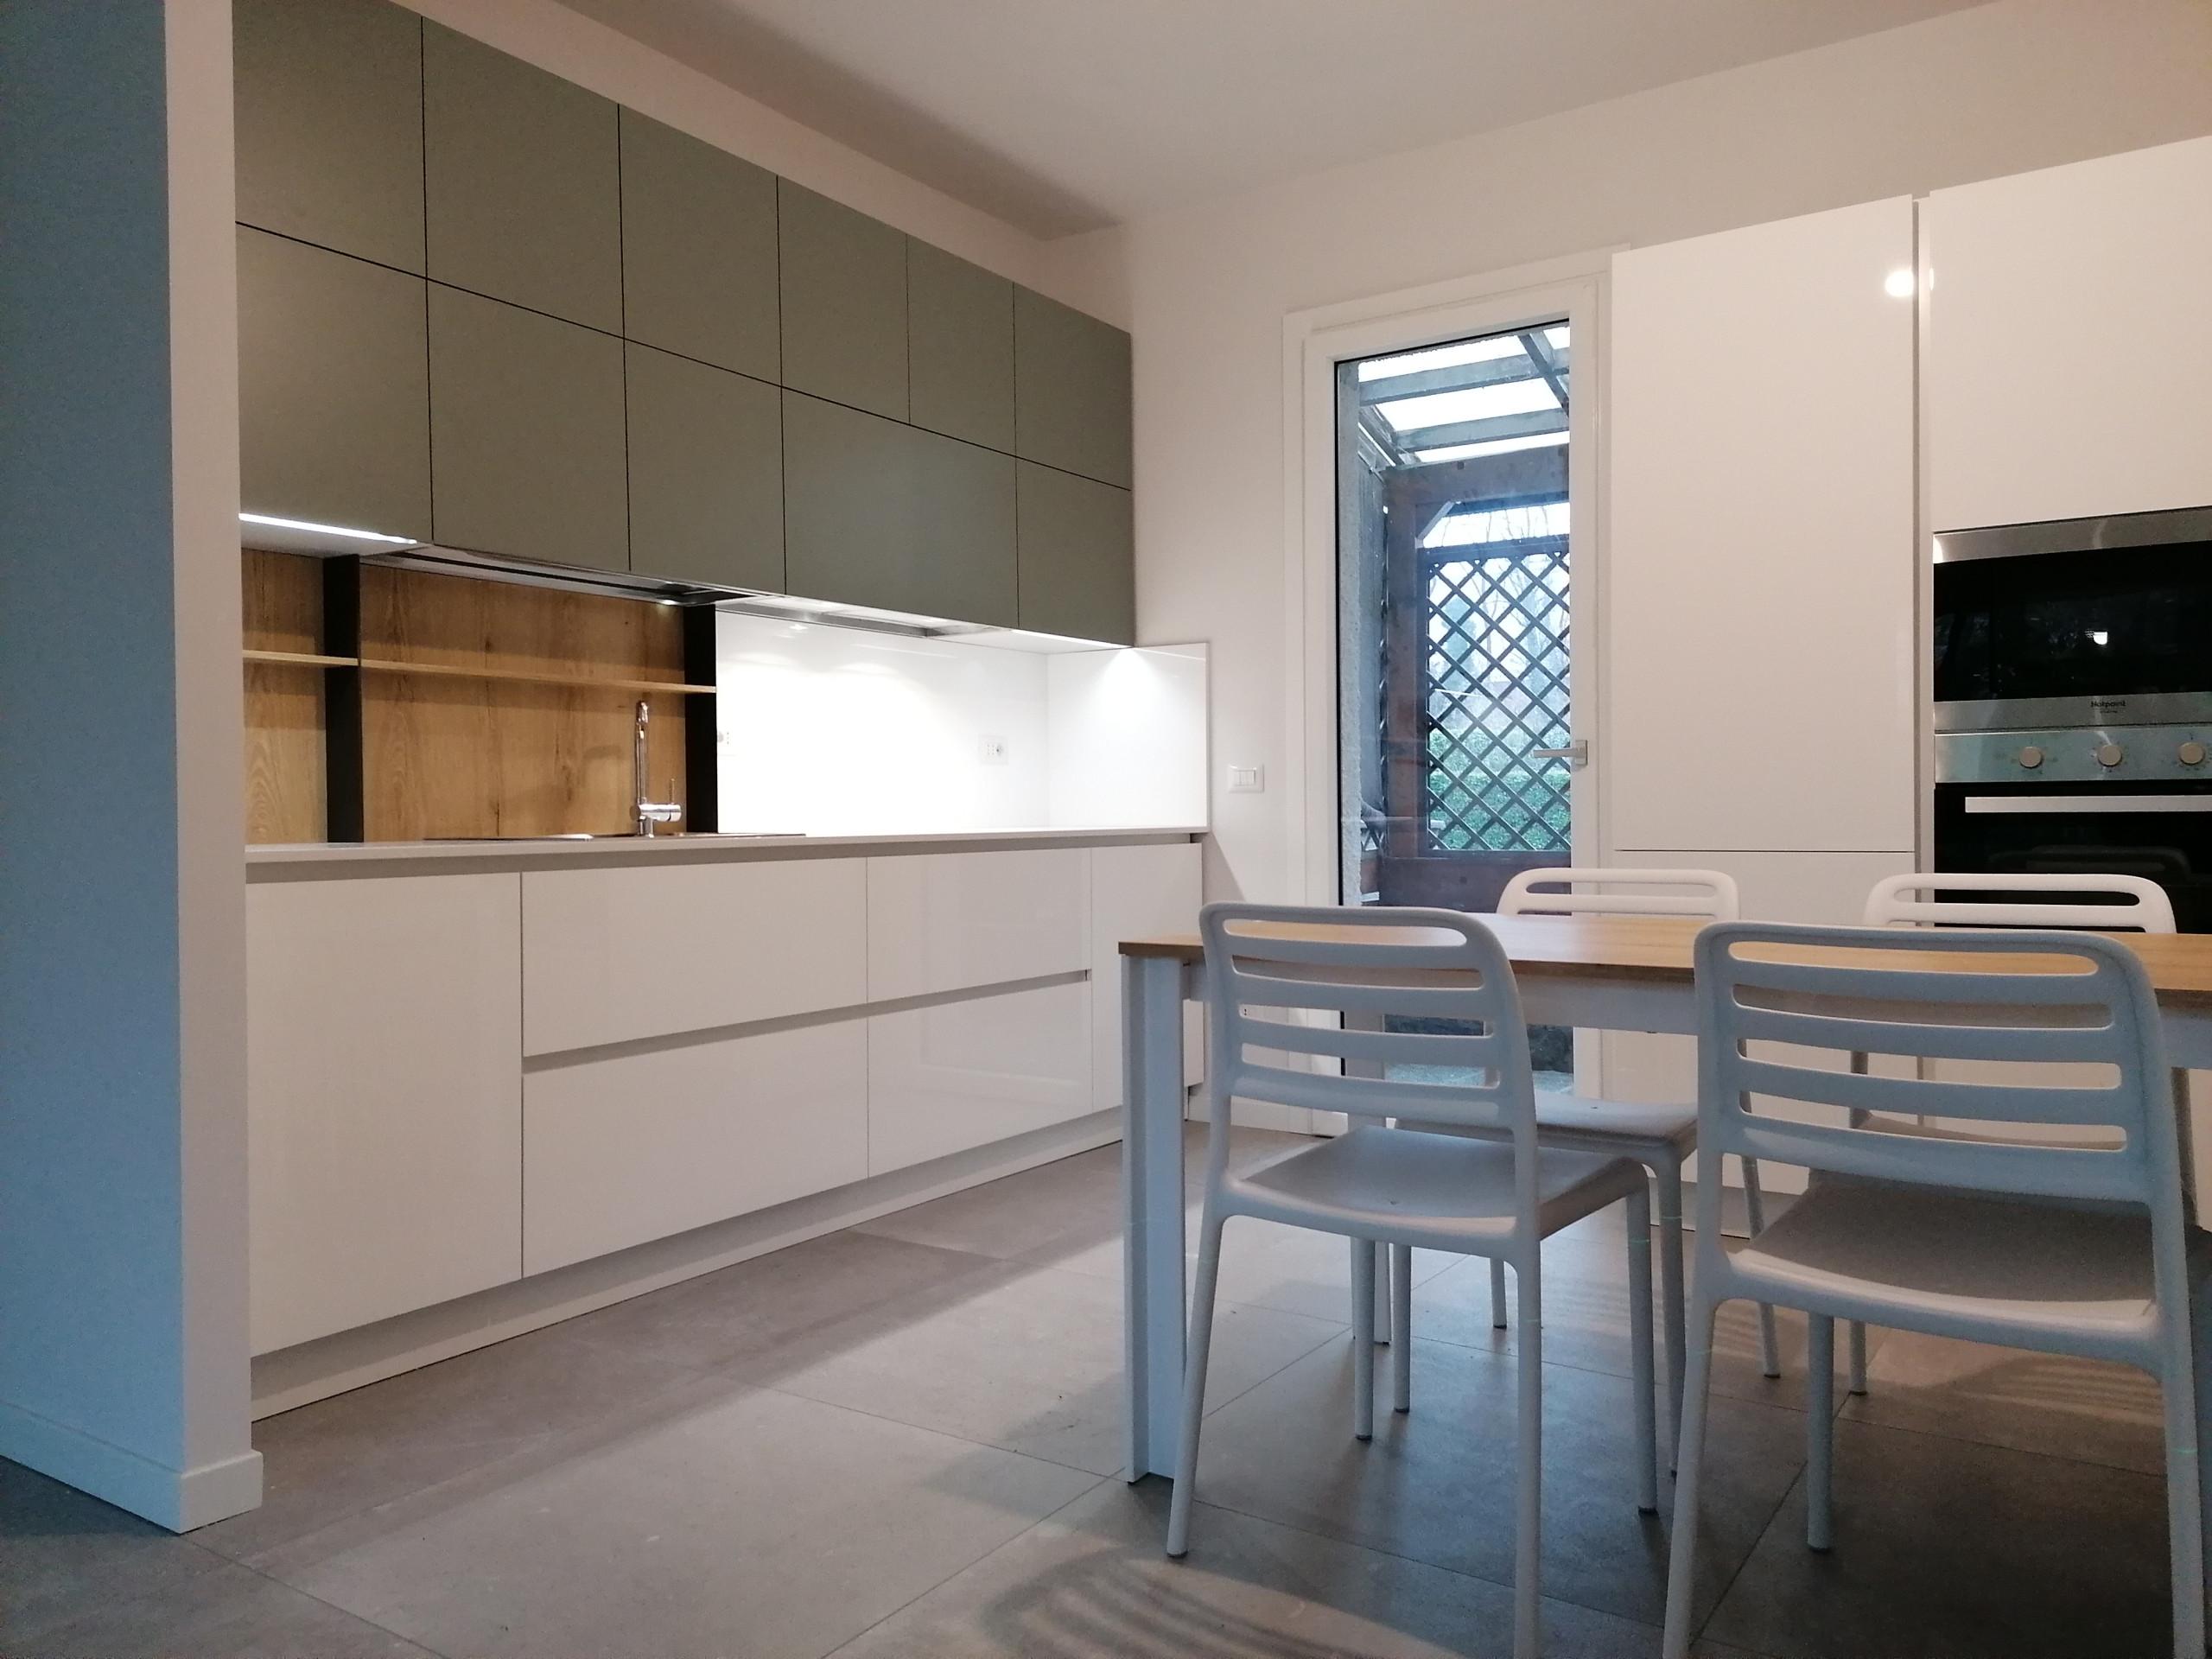 Vista della cucina_Lavori in corso.